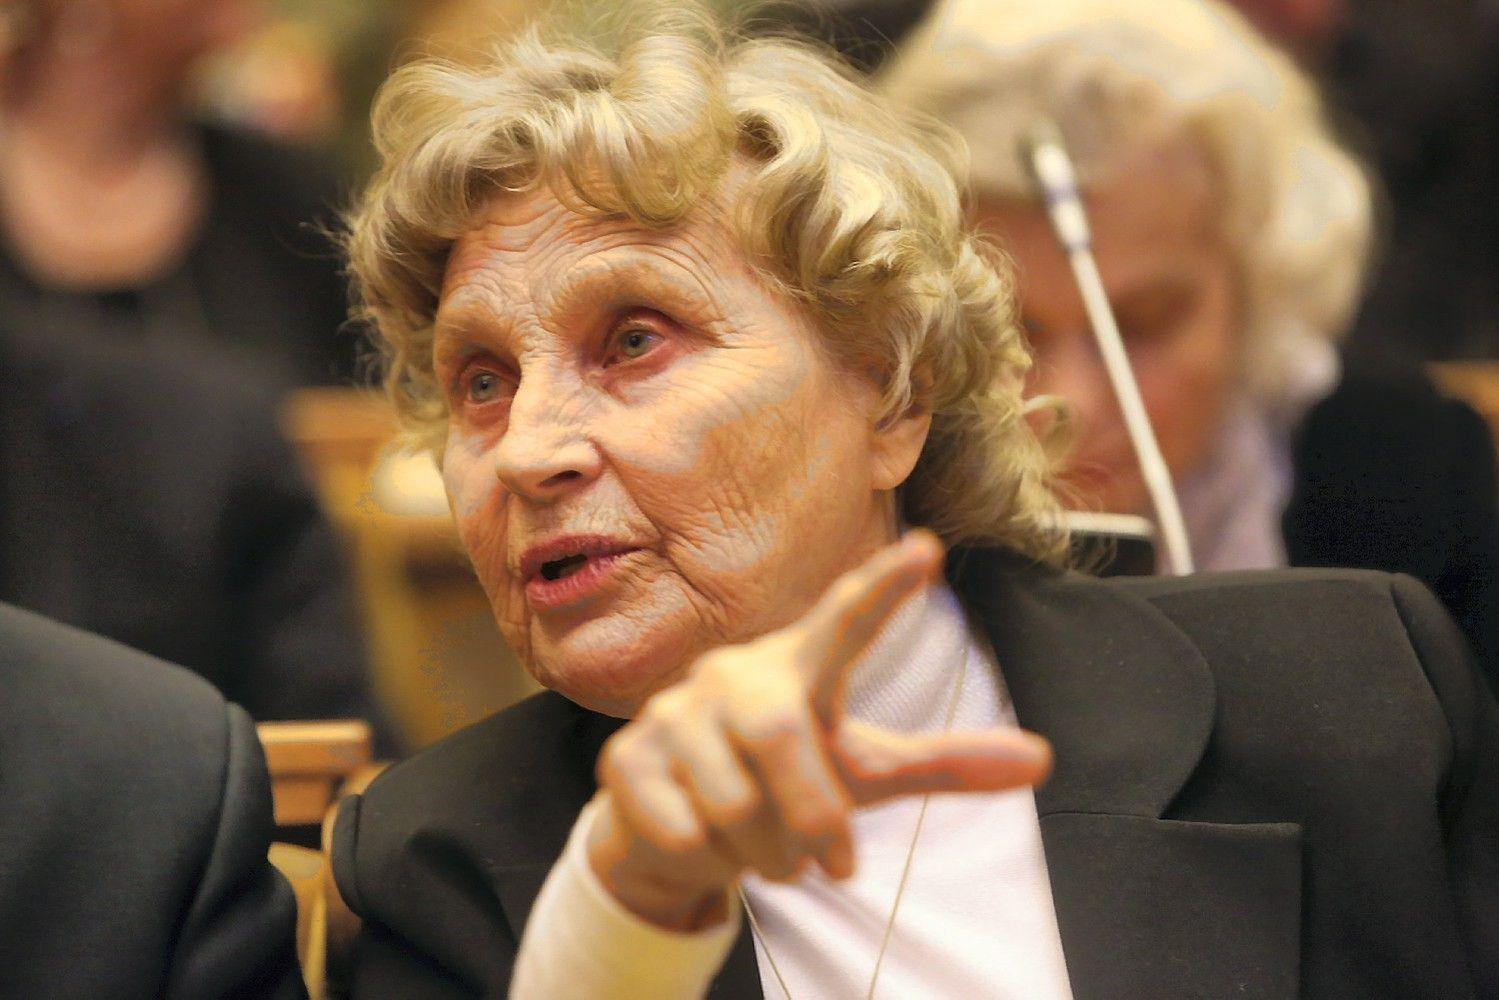 """Laisvės premijos laureatė Nijolė Sadūnaitė: """"Tiesa išlaisvina"""""""